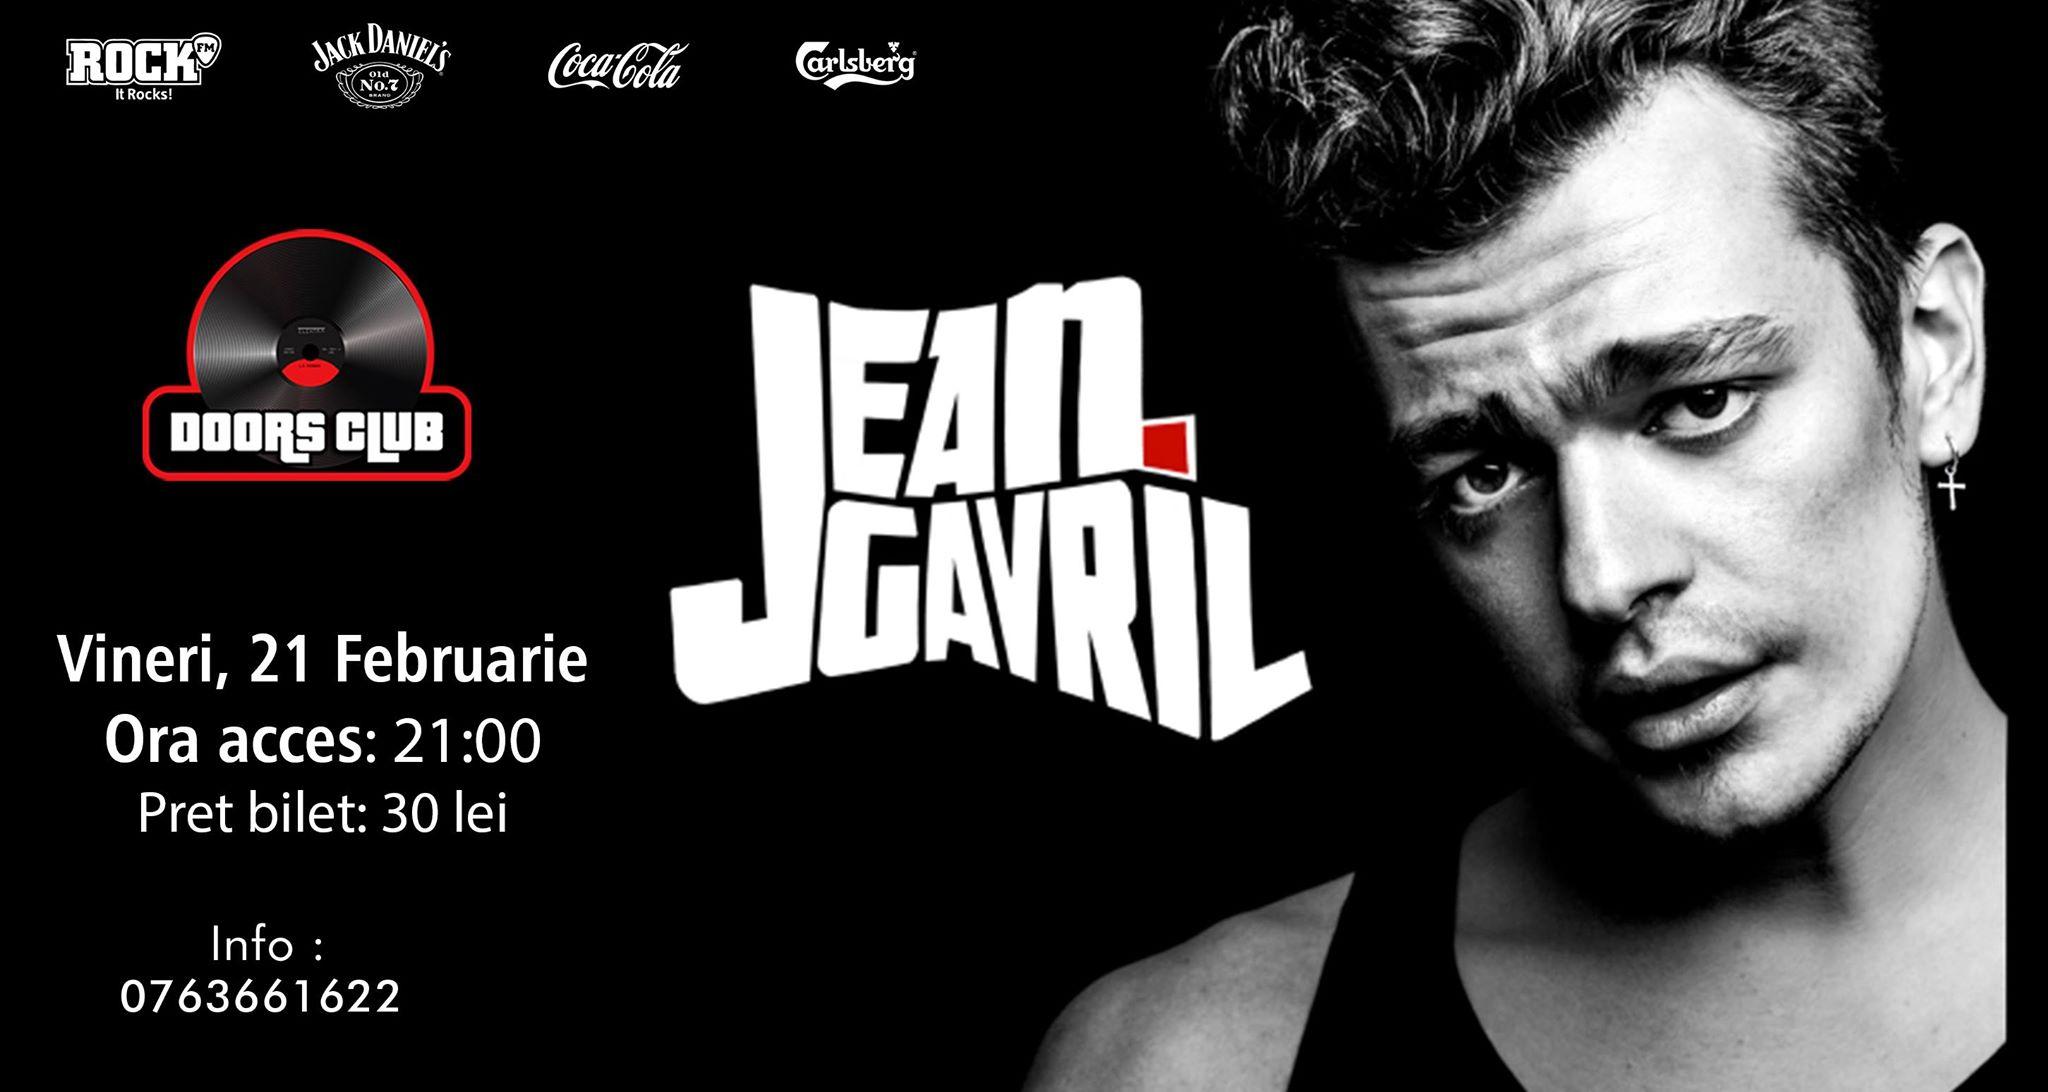 Jean Gavril